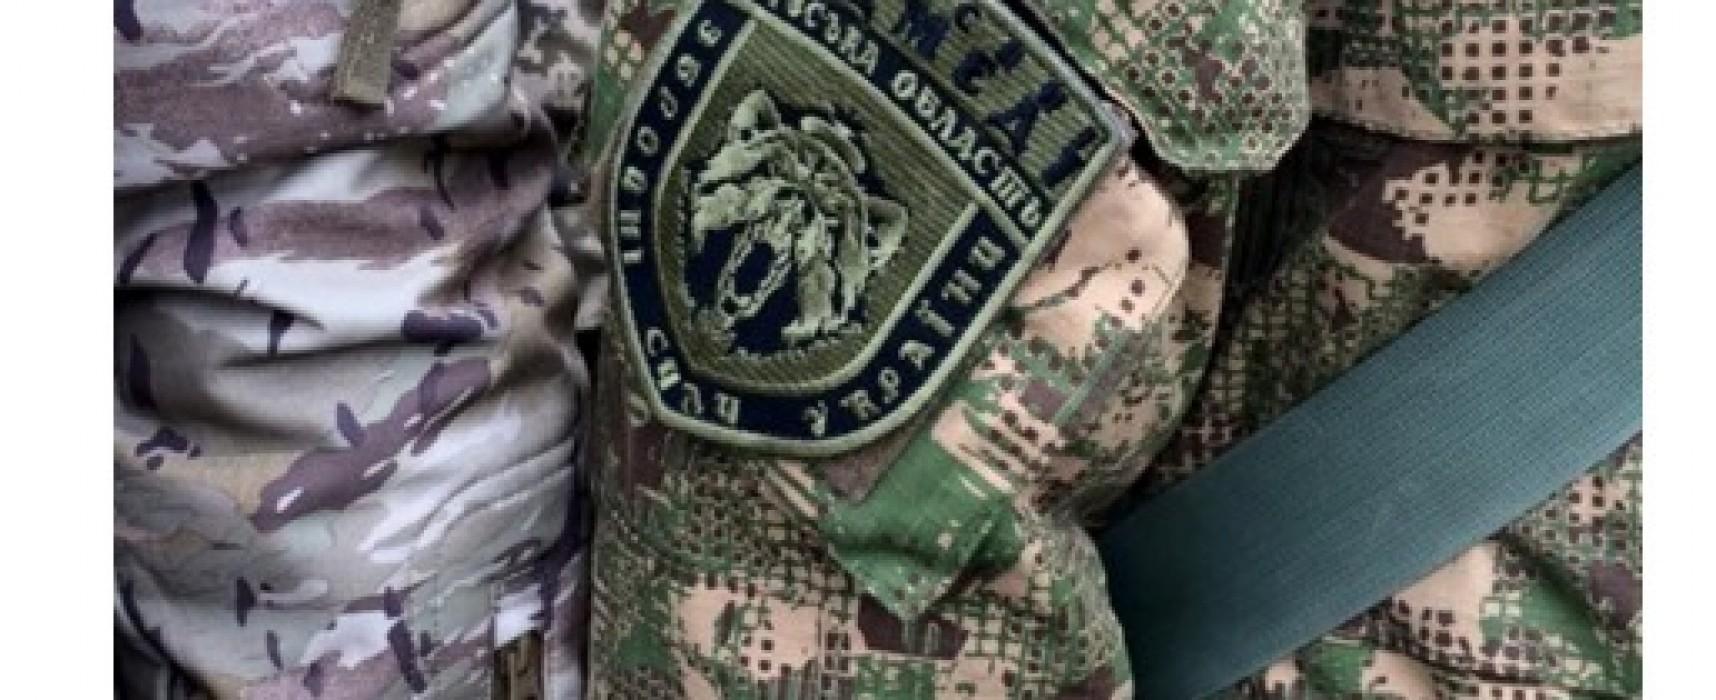 Falso: los noruegos pusieron pleito al Ministerio de defensa de Ucrania por un uniforme robado